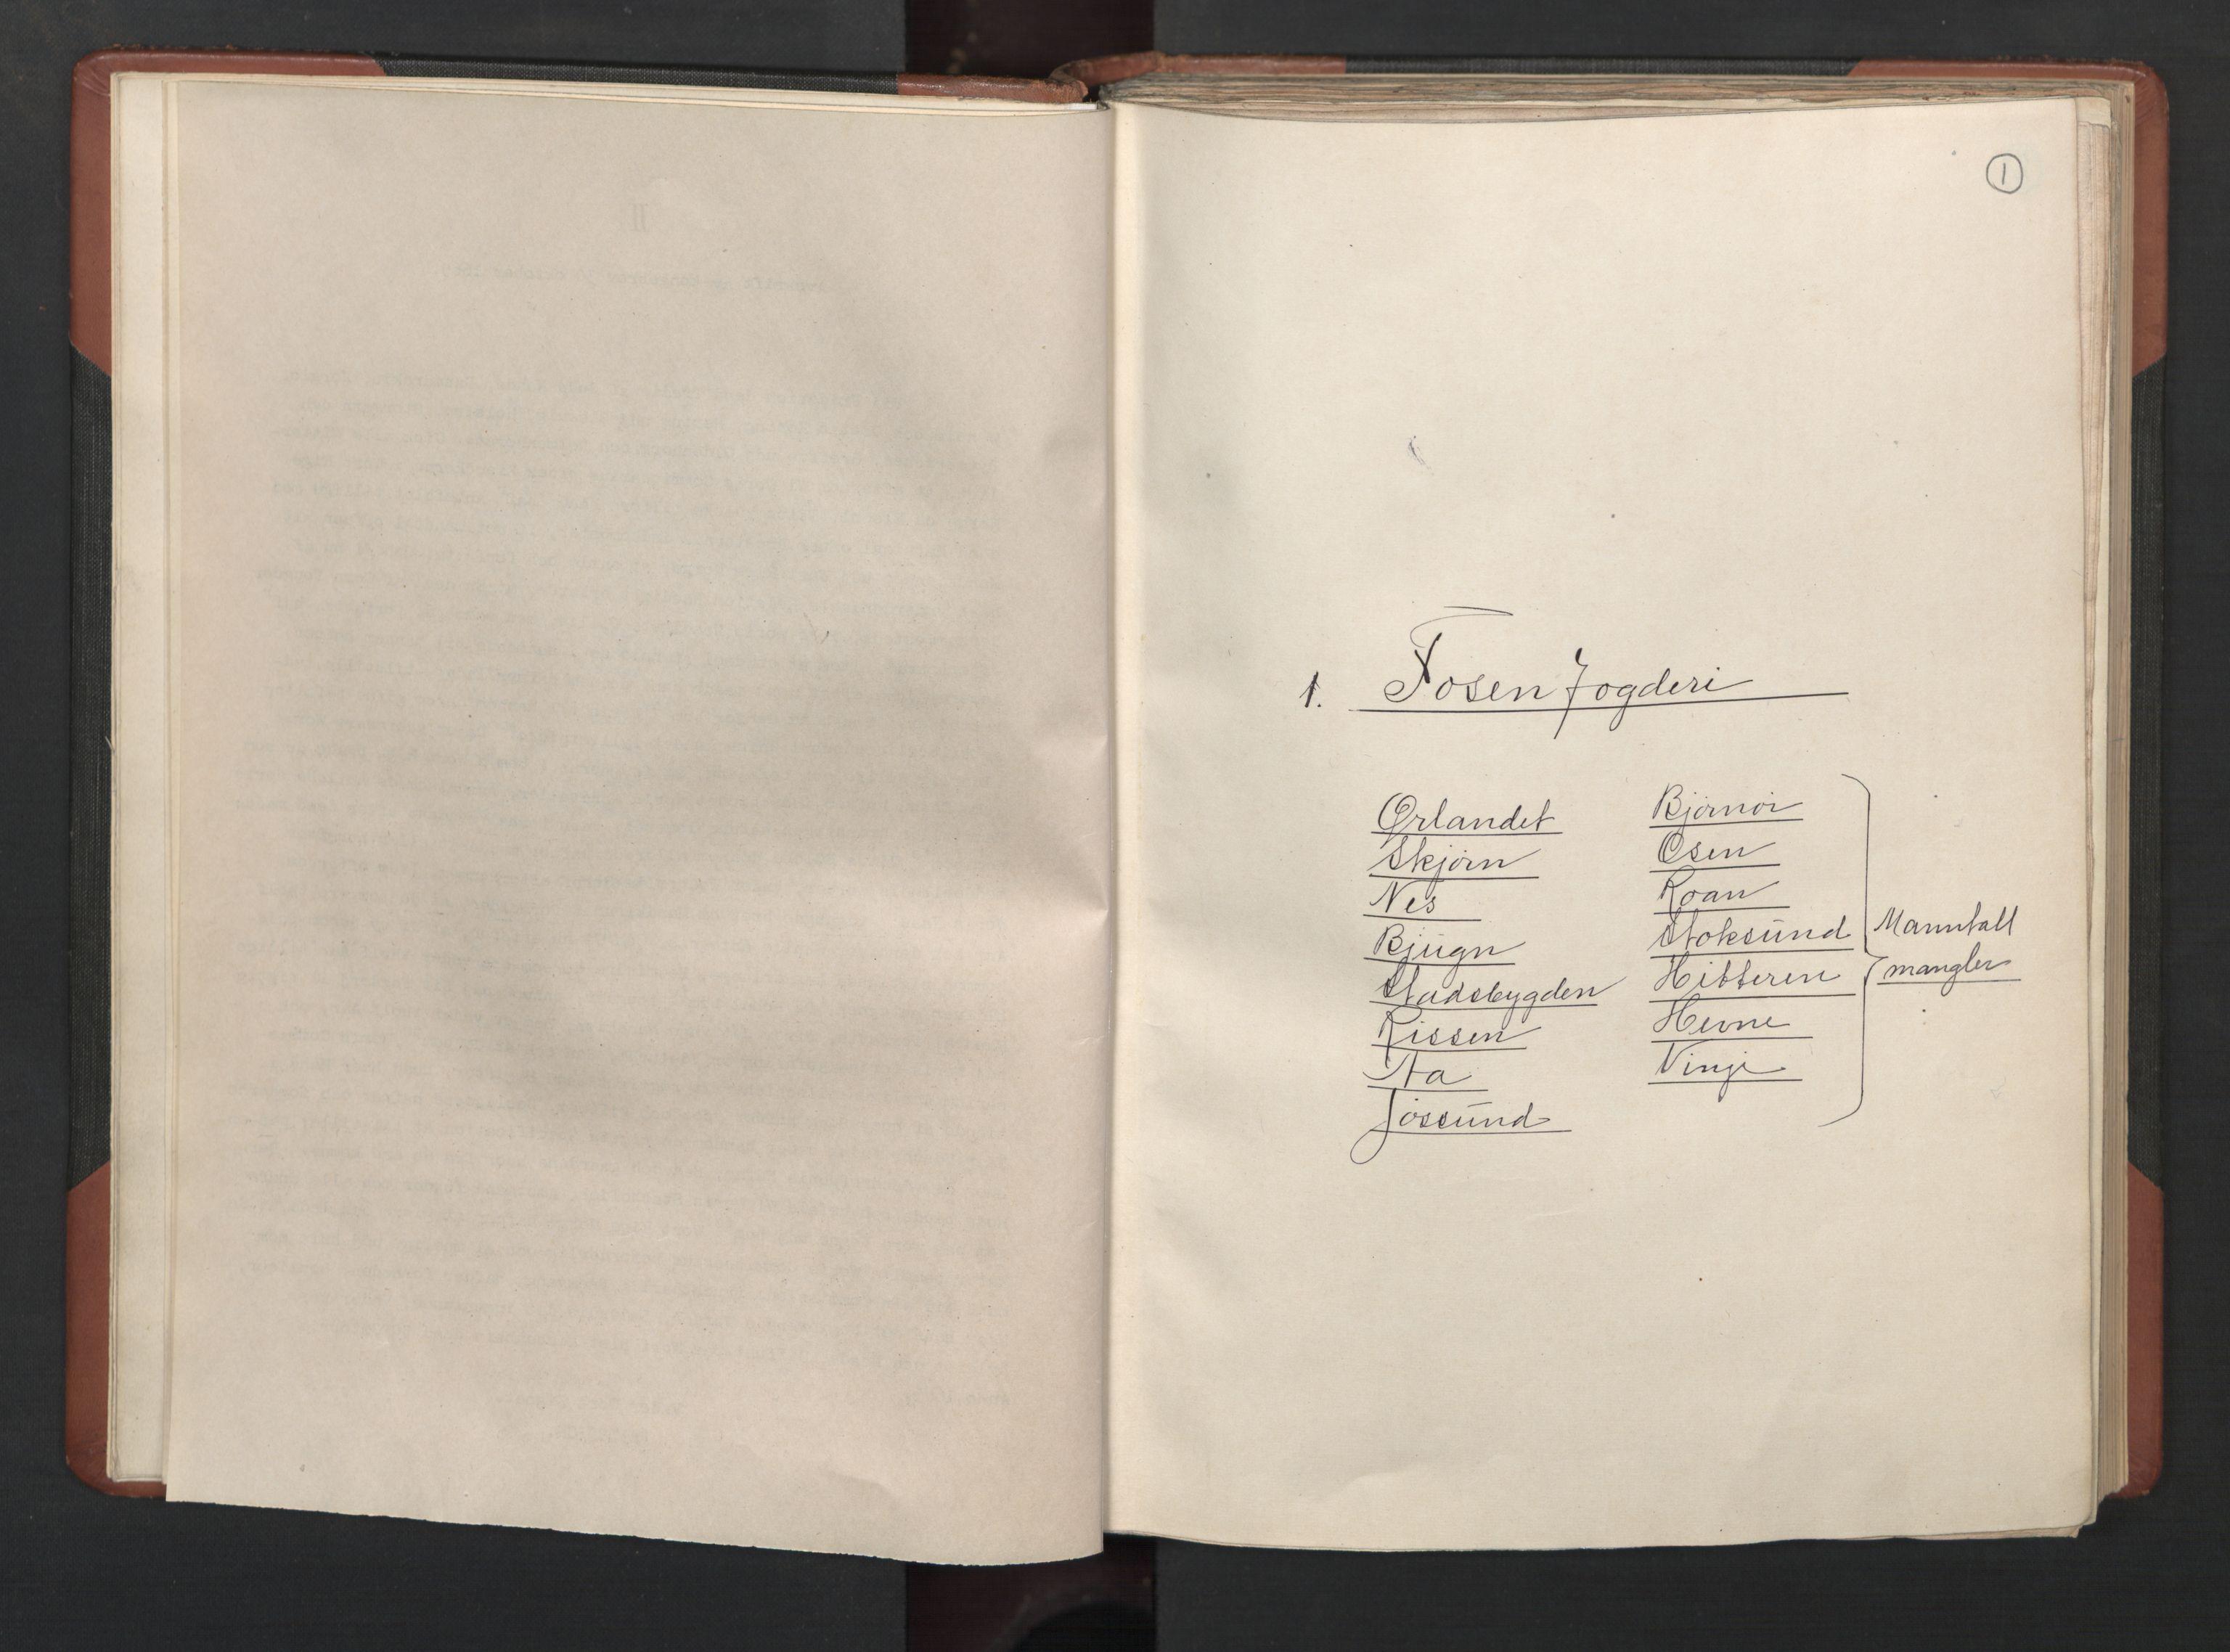 RA, Fogdenes og sorenskrivernes manntall 1664-1666, nr. 19: Fosen fogderi, Inderøy fogderi, Selbu fogderi, Namdal fogderi og Stjørdal fogderi, 1664-1665, s. 1